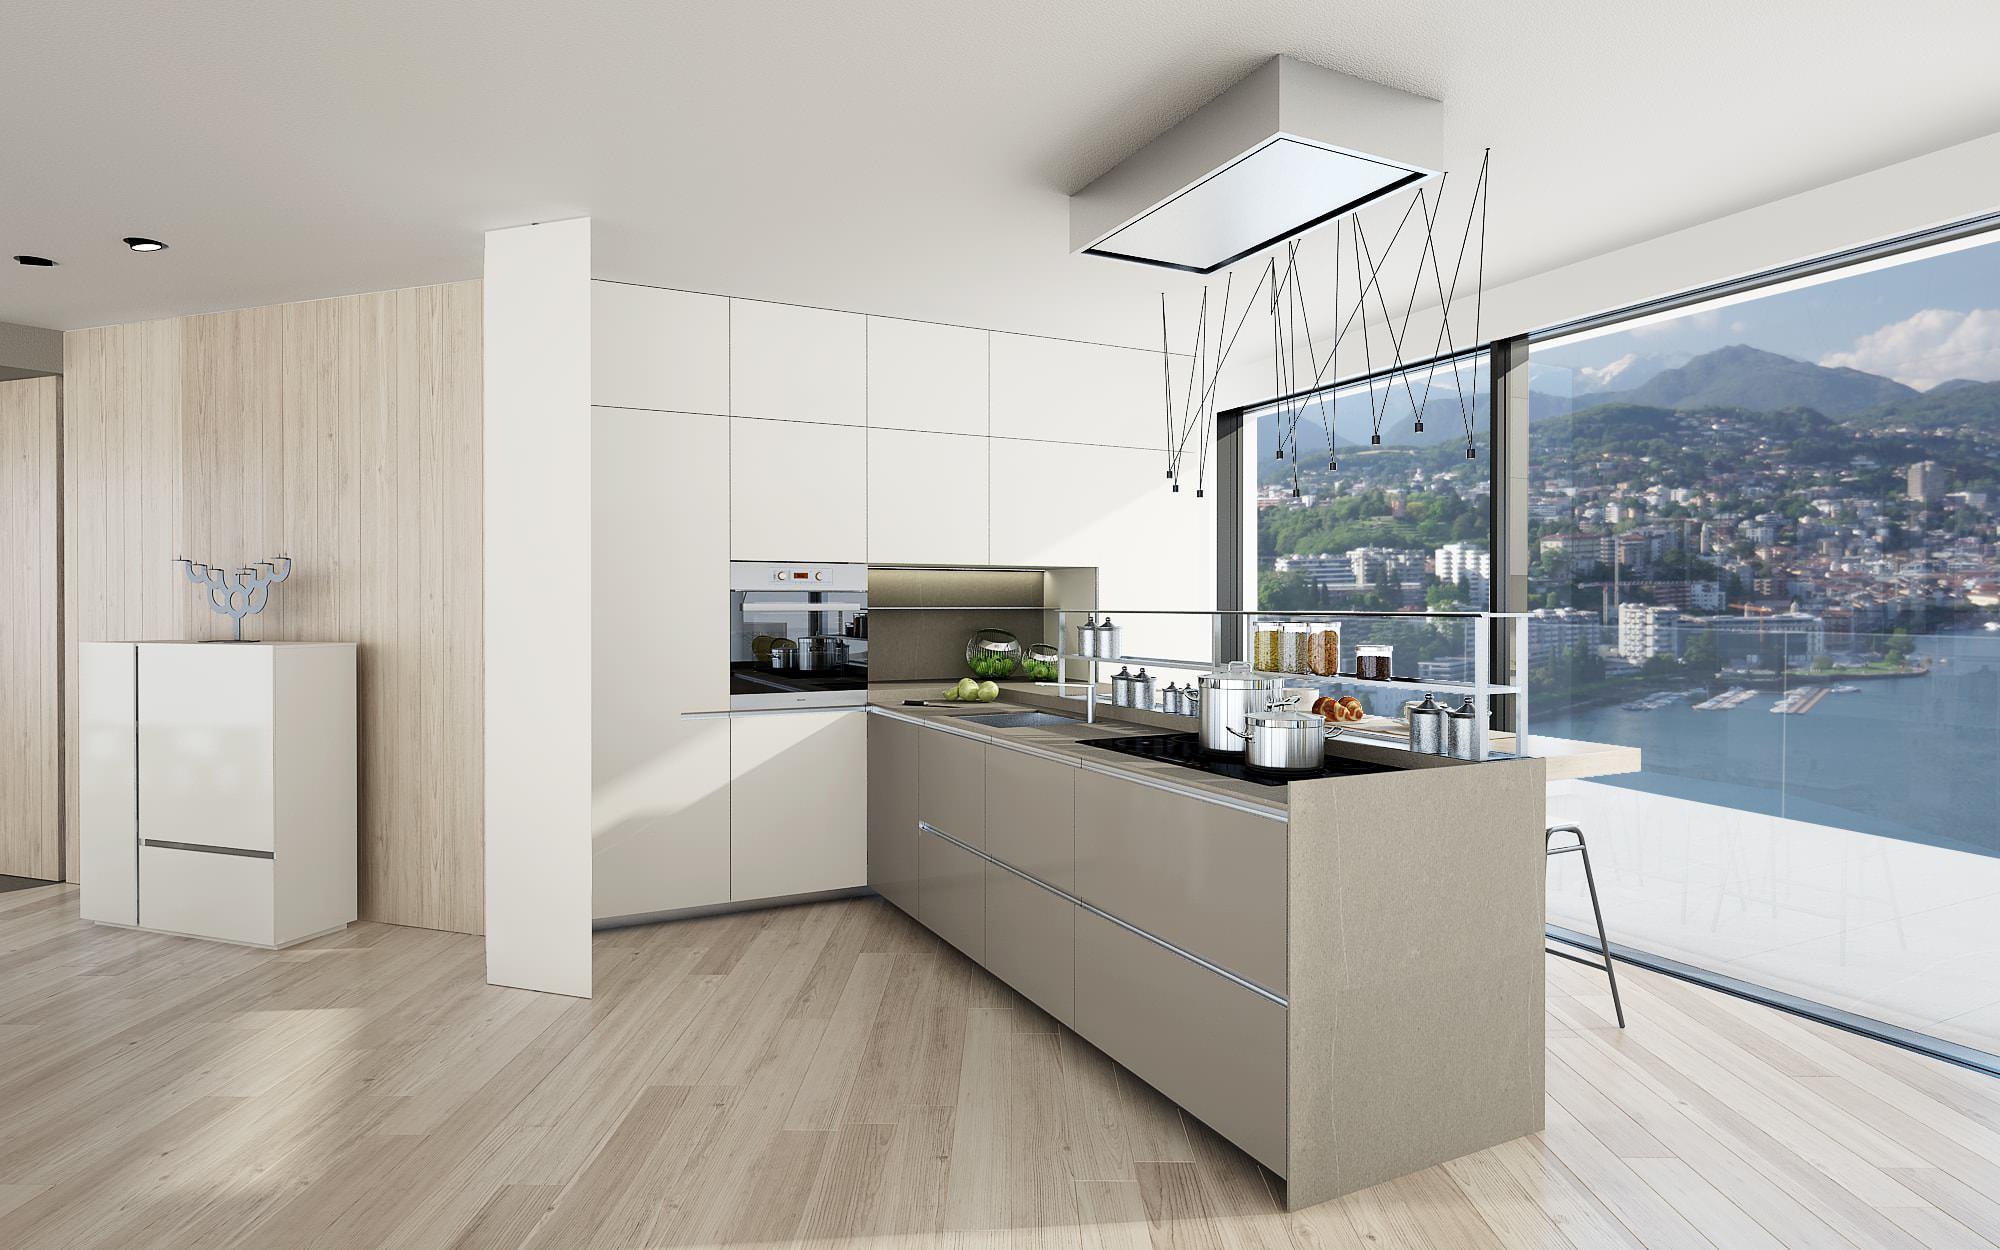 Cucina isola attico design Lugano Ticino Svizzera Nizza Paradise Residence